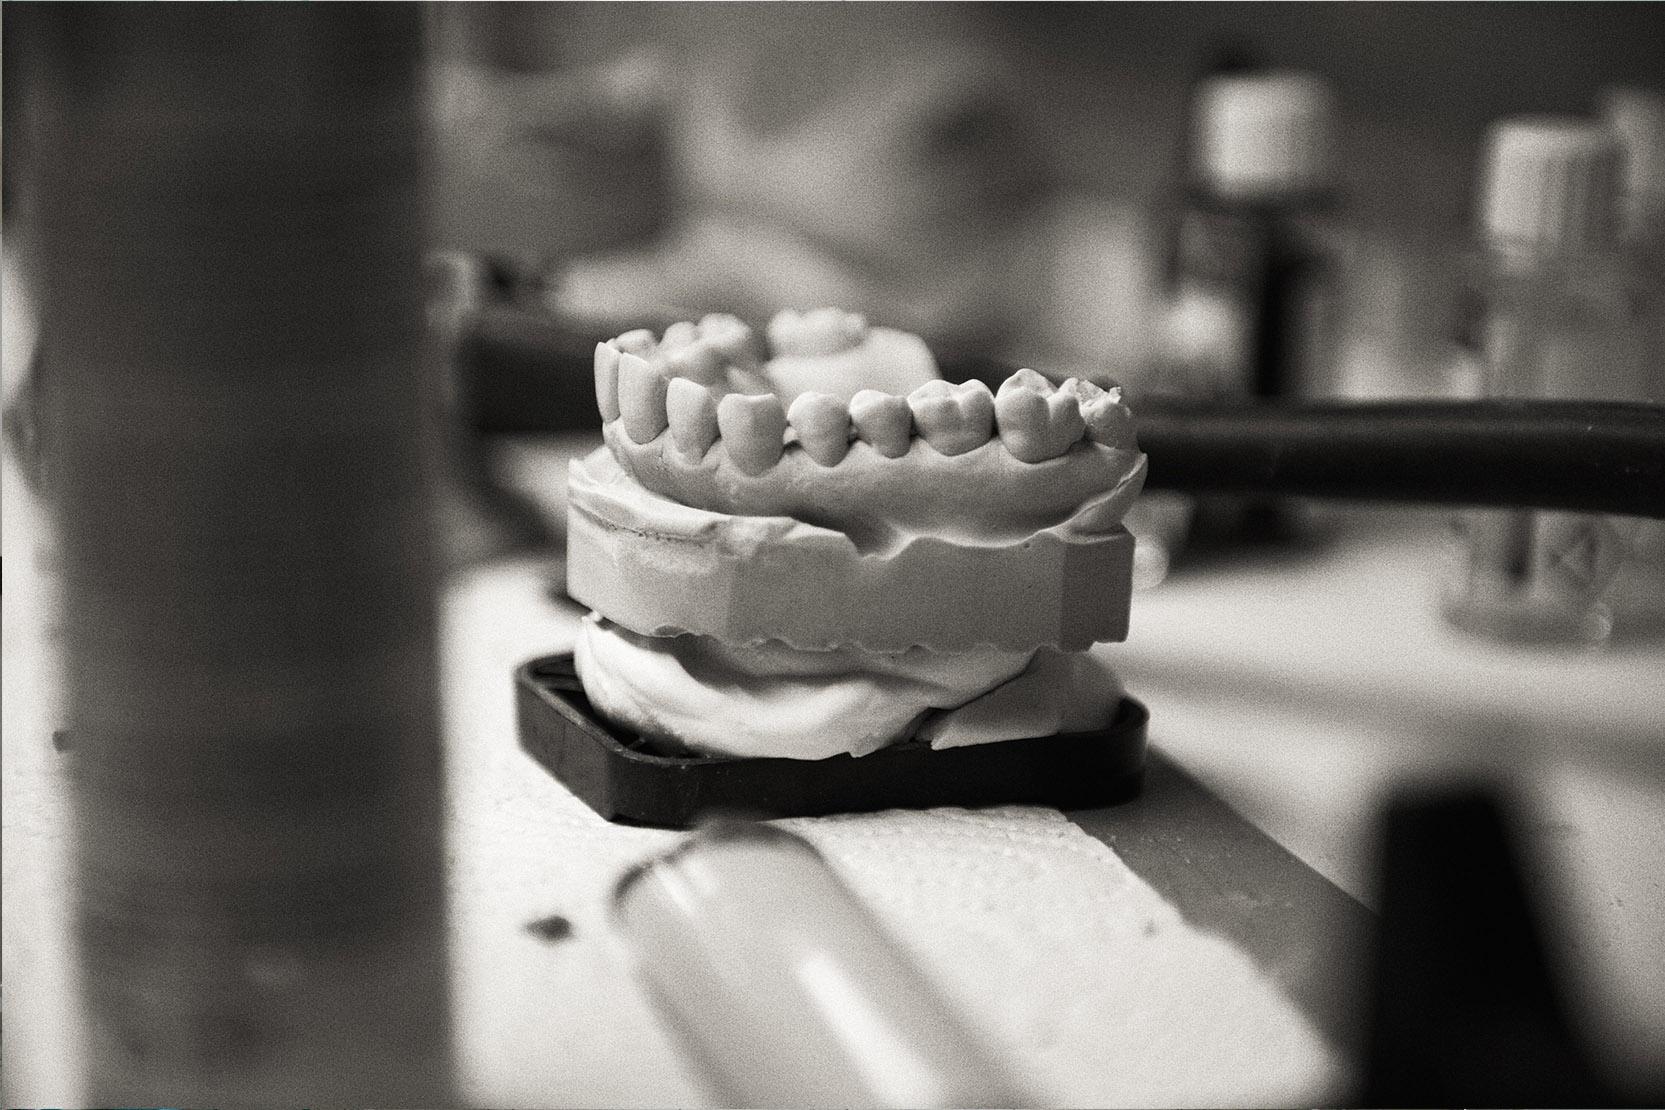 praxis-zahnarzt-denteam-dentallabor